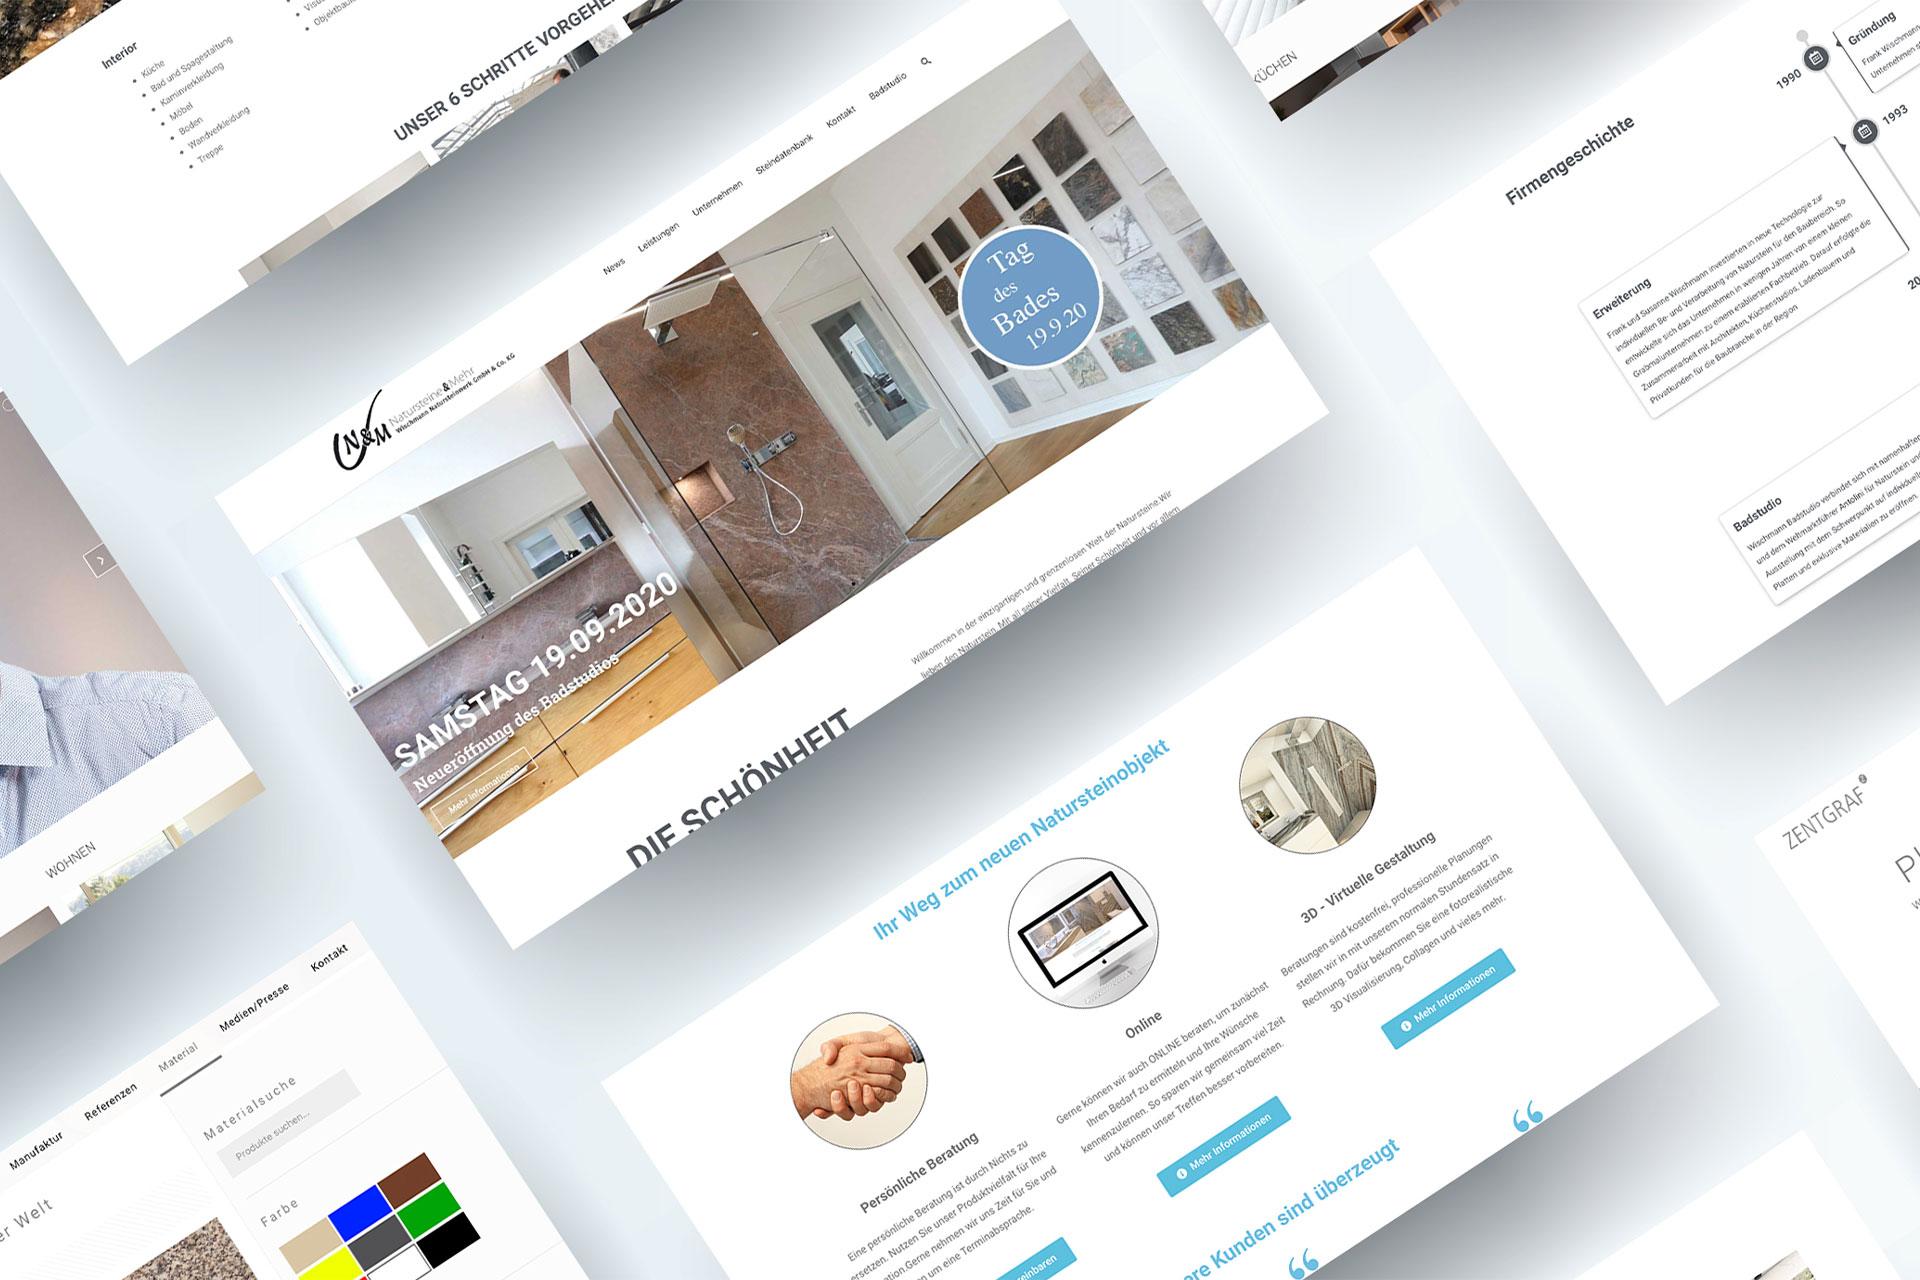 drossel_sbk_mockup_website